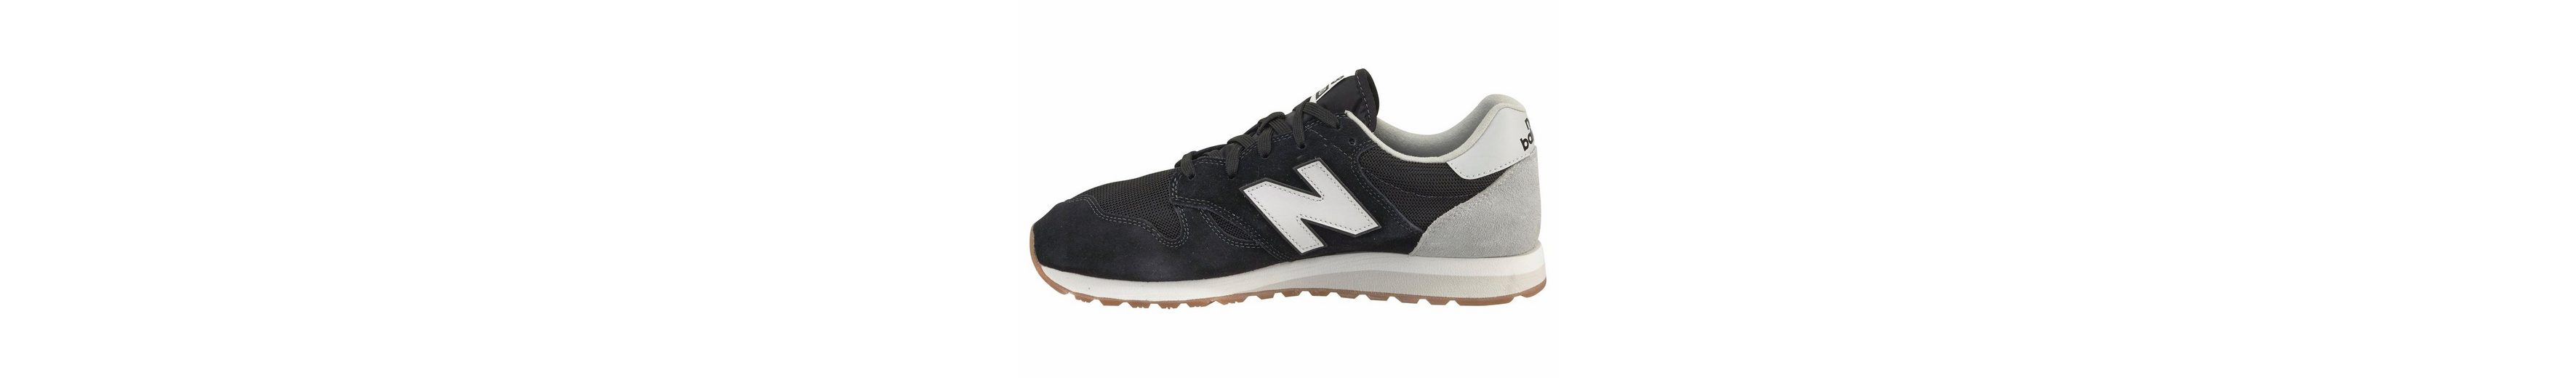 New Balance U520 Sneaker Auslass Veröffentlichungstermine Online-Bilder Verkauf mKtNnc20